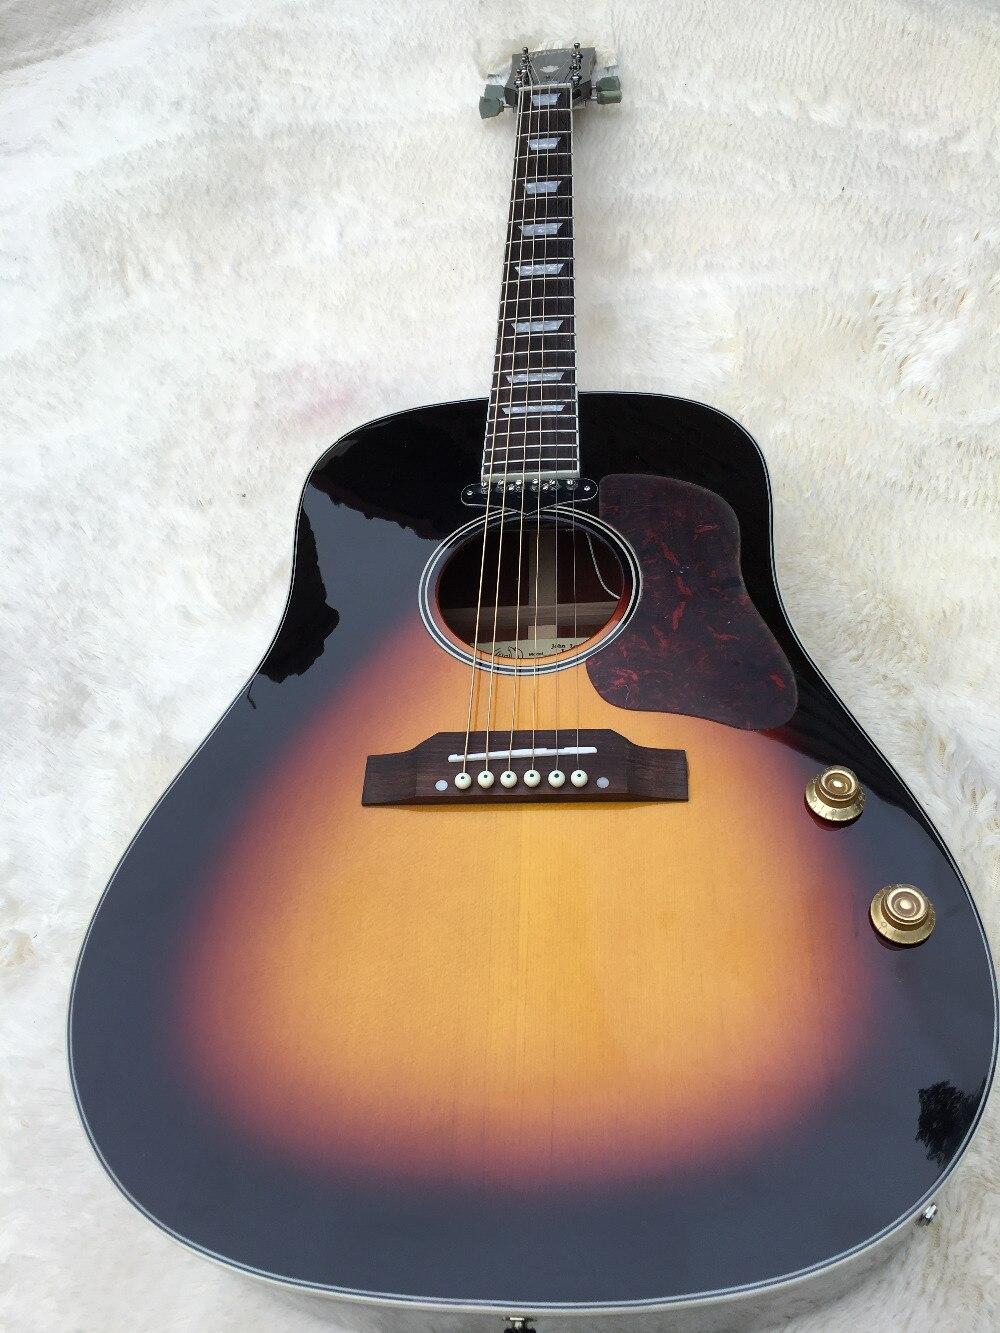 2016 Nieuwe + Fabriek + Chinese 160 vintage VS Akoestische gitaar John lennon sunburst J160 akoestische gitaar met geluid gat pickup